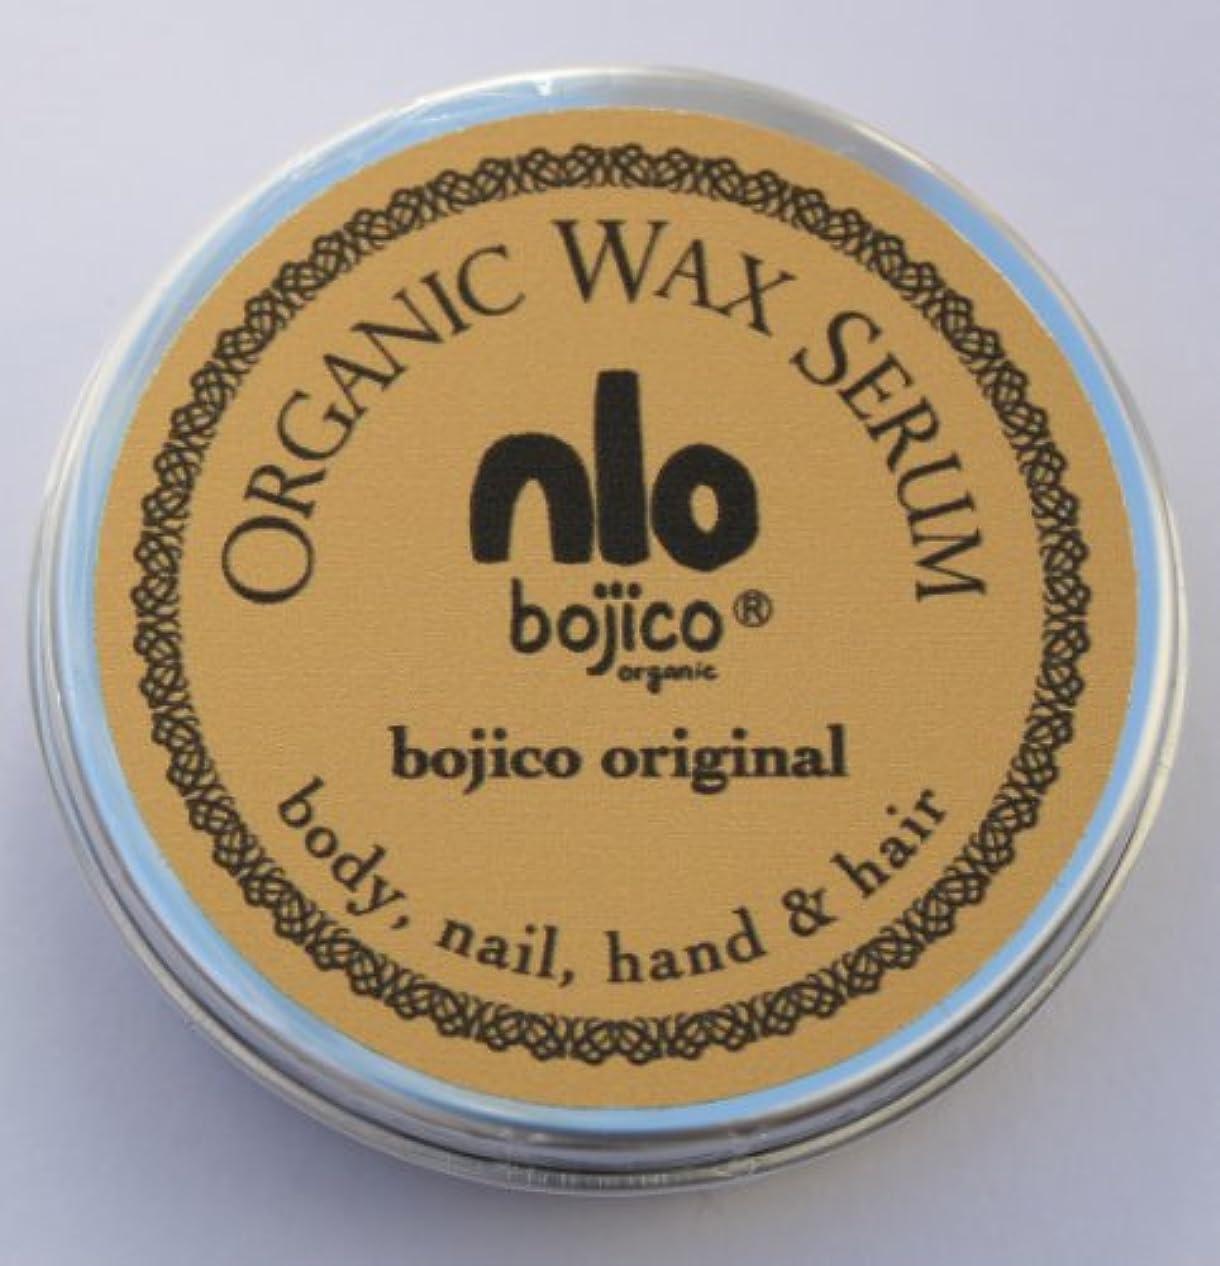 たくさん食事を調理するシアーbojico オーガニック ワックス セラム<オリジナル> Organic Wax Serum 40g